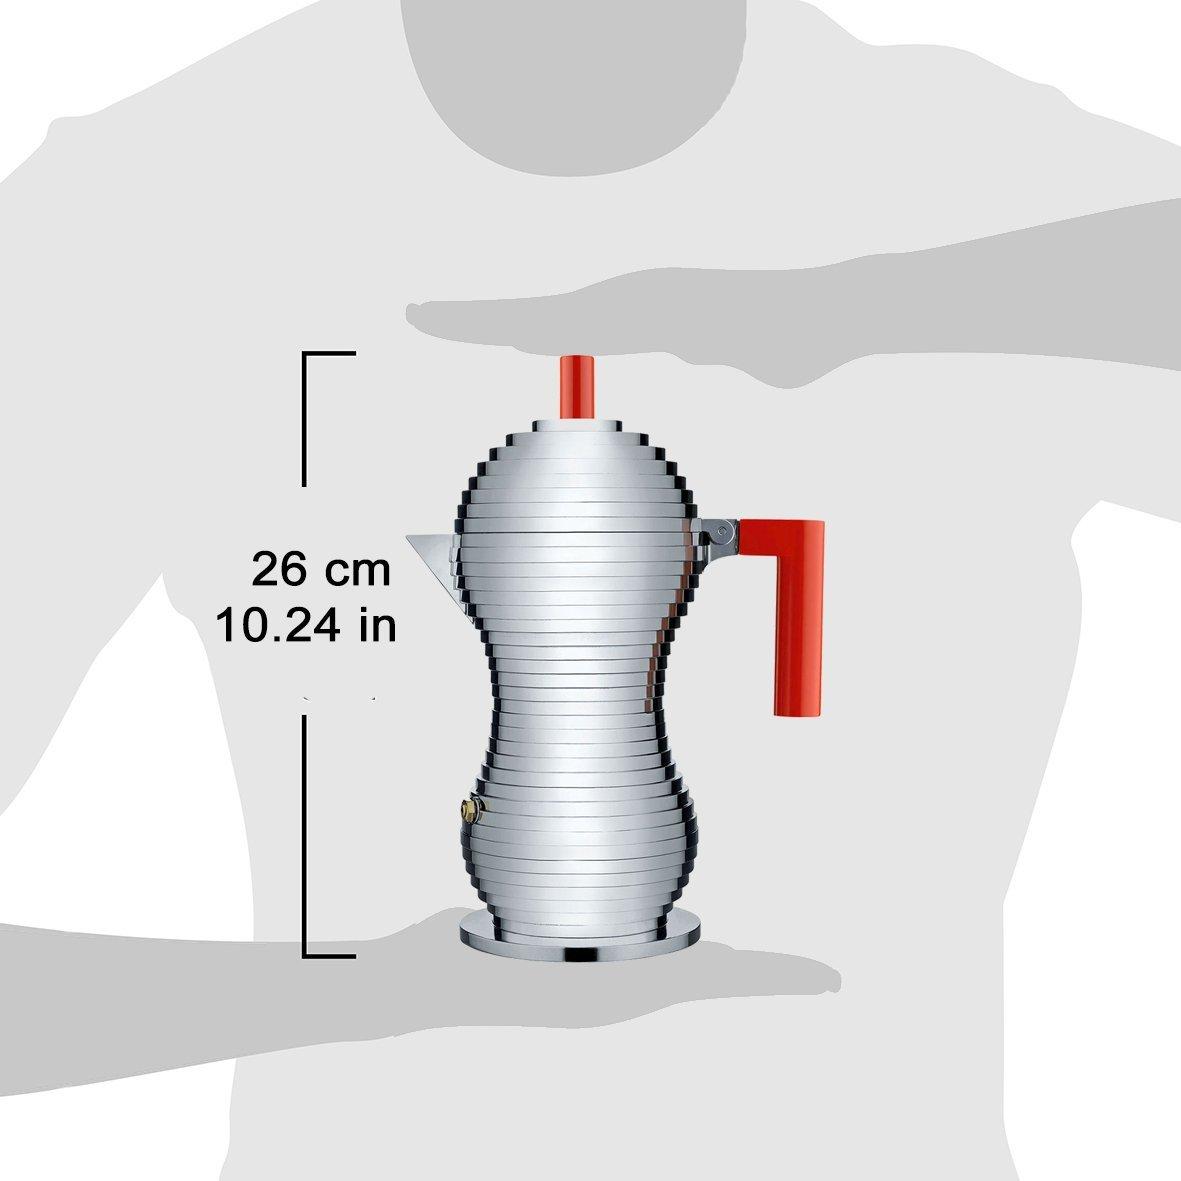 Alessi Mdl02//6 B Pulcina Cafeti/ère Espresso en Fonte Daluminium Noir 6 Tassess Poign/ée et Pommeau en Pa